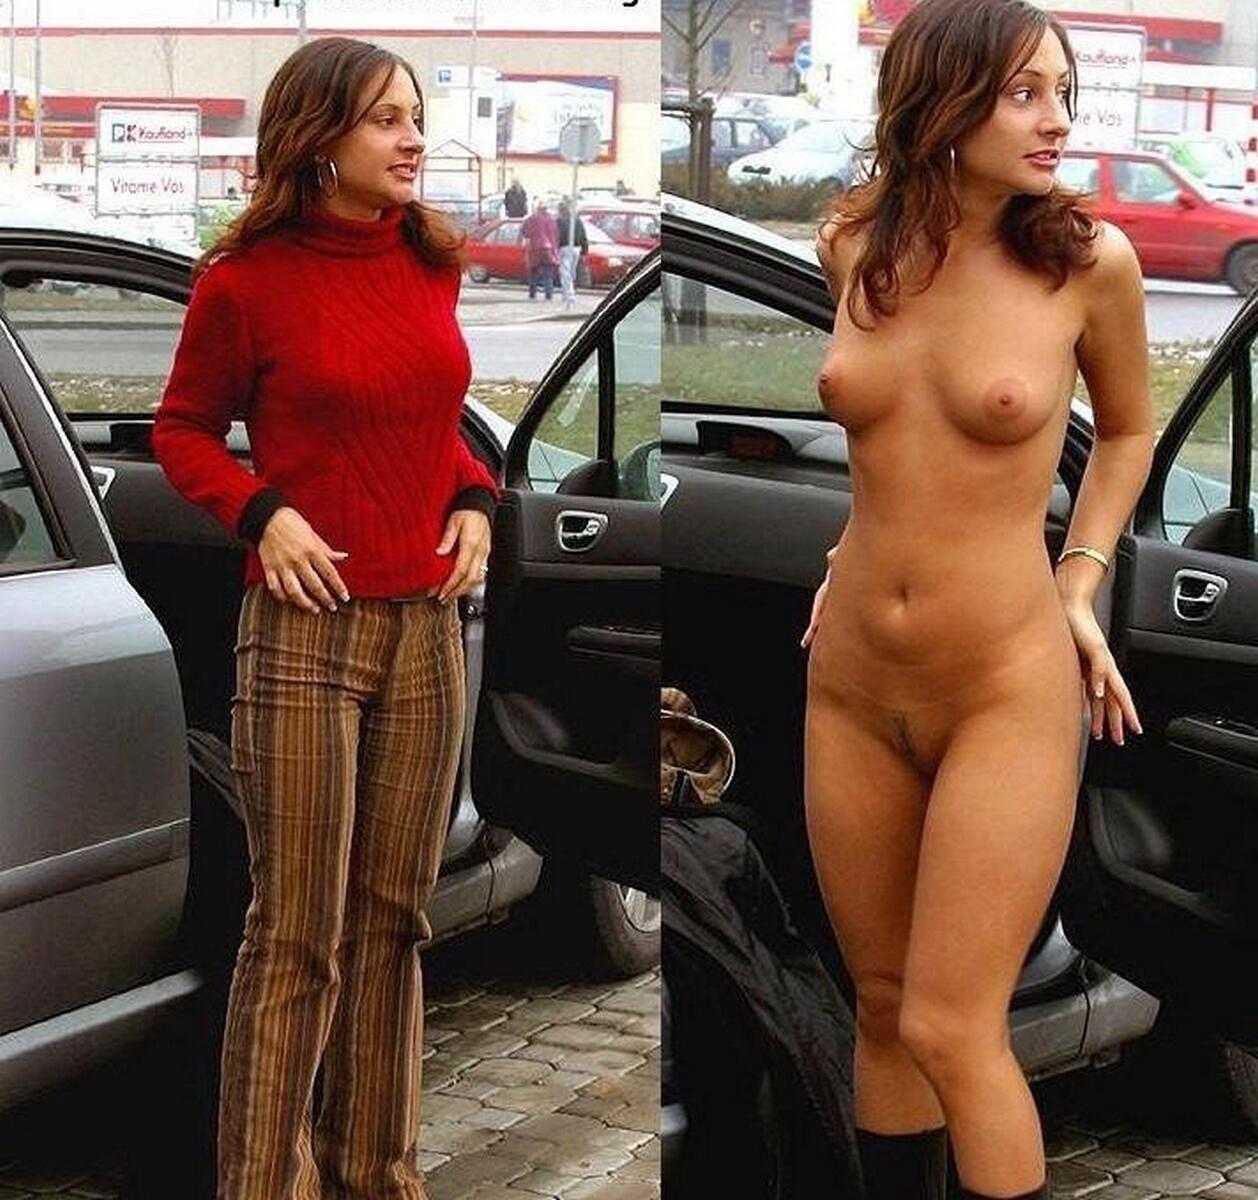 Раздетая жена на улице 5 фотография